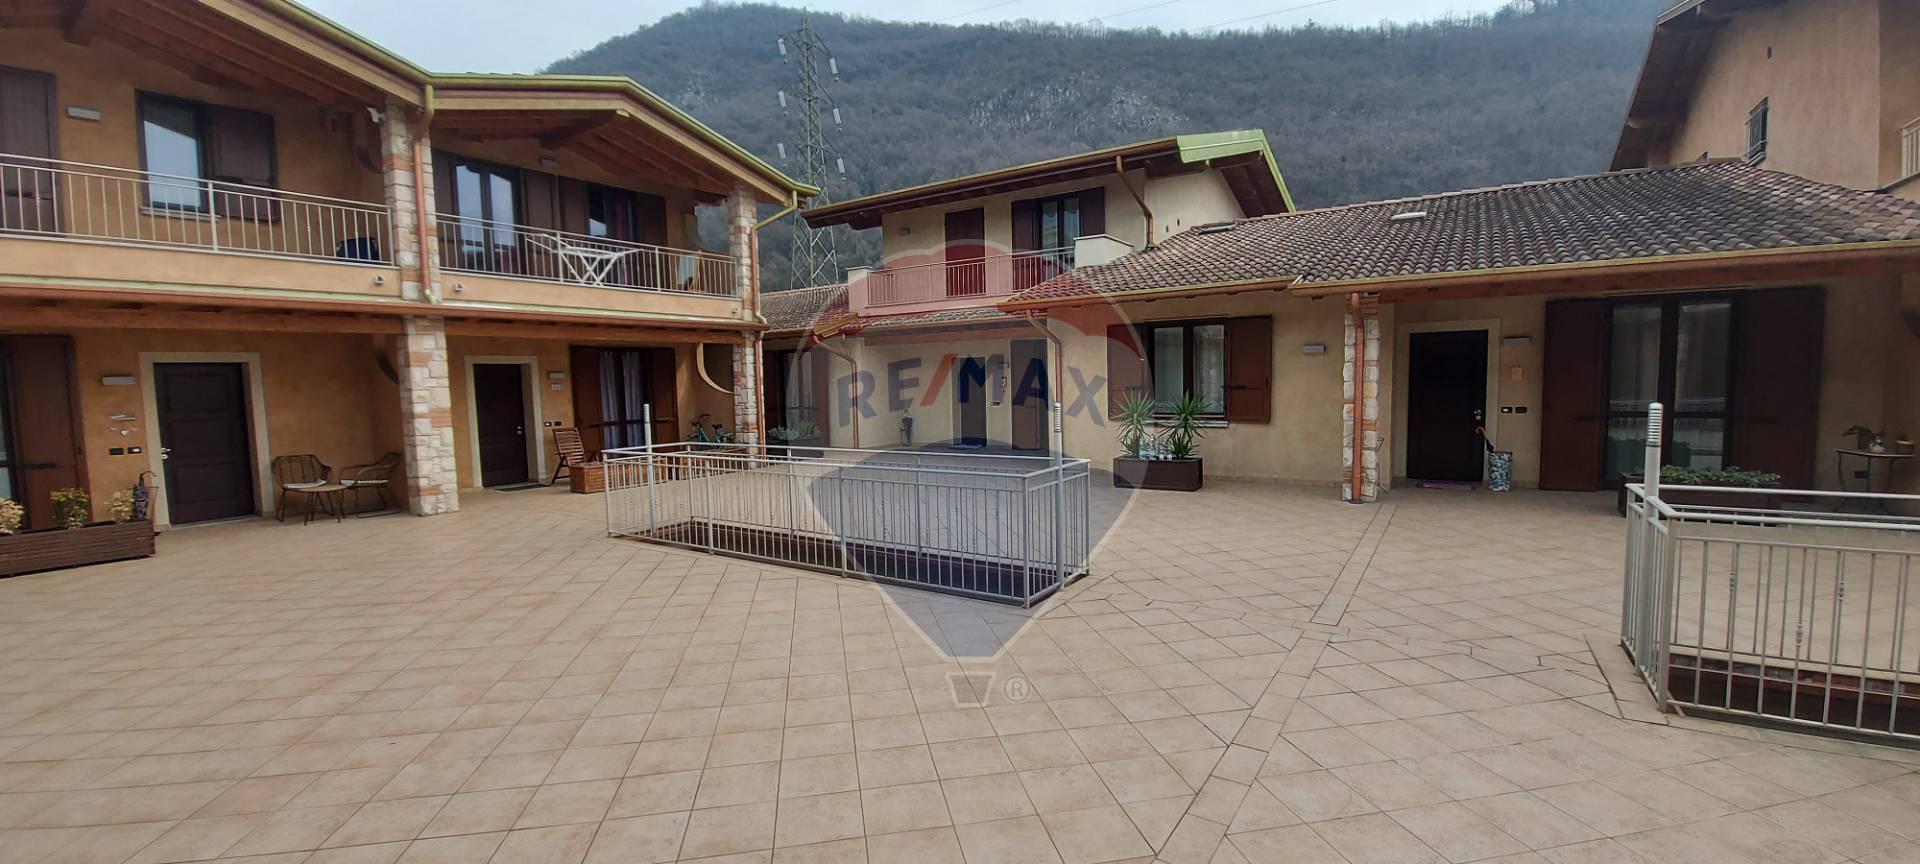 Appartamento in vendita a Villanuova sul Clisi, 2 locali, prezzo € 135.000   PortaleAgenzieImmobiliari.it